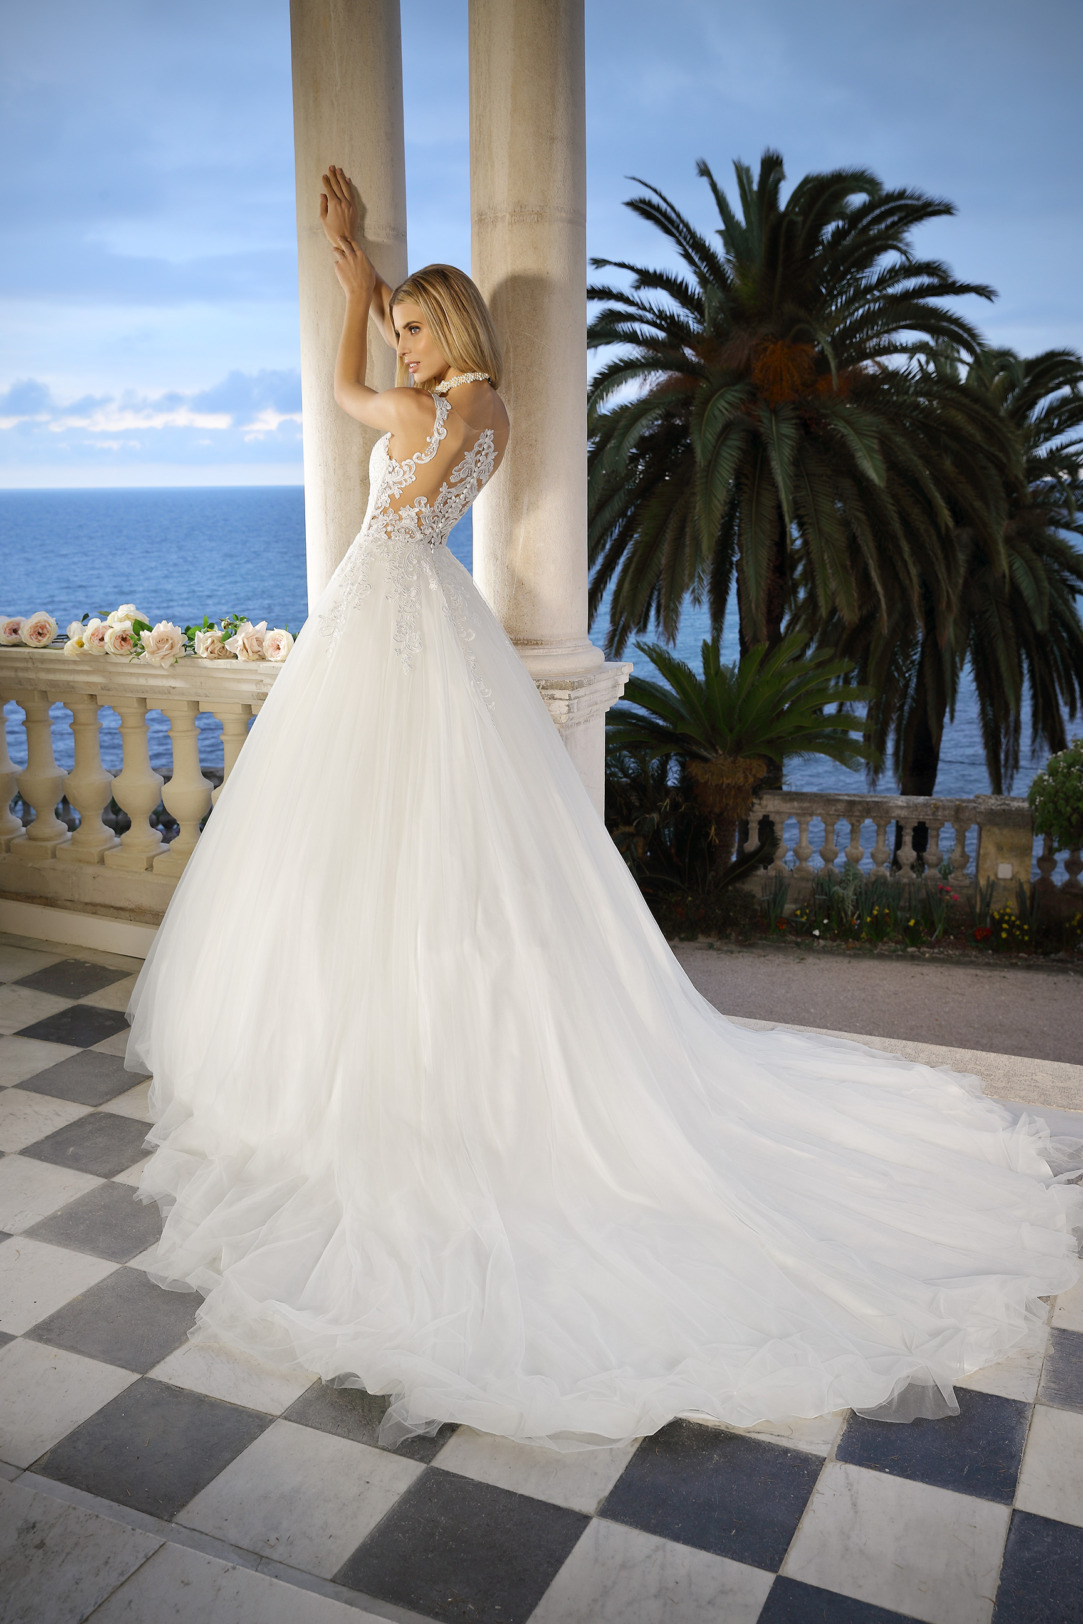 Brautkleid Hochzeitskleid im Prinzessinnen Stil von Ladybird Modell 421049 mit V Ausschnitt feinsten Spitzen Applikationen und weitem Tüllrock und aufwendiger Tatoo Spitze am Rücken